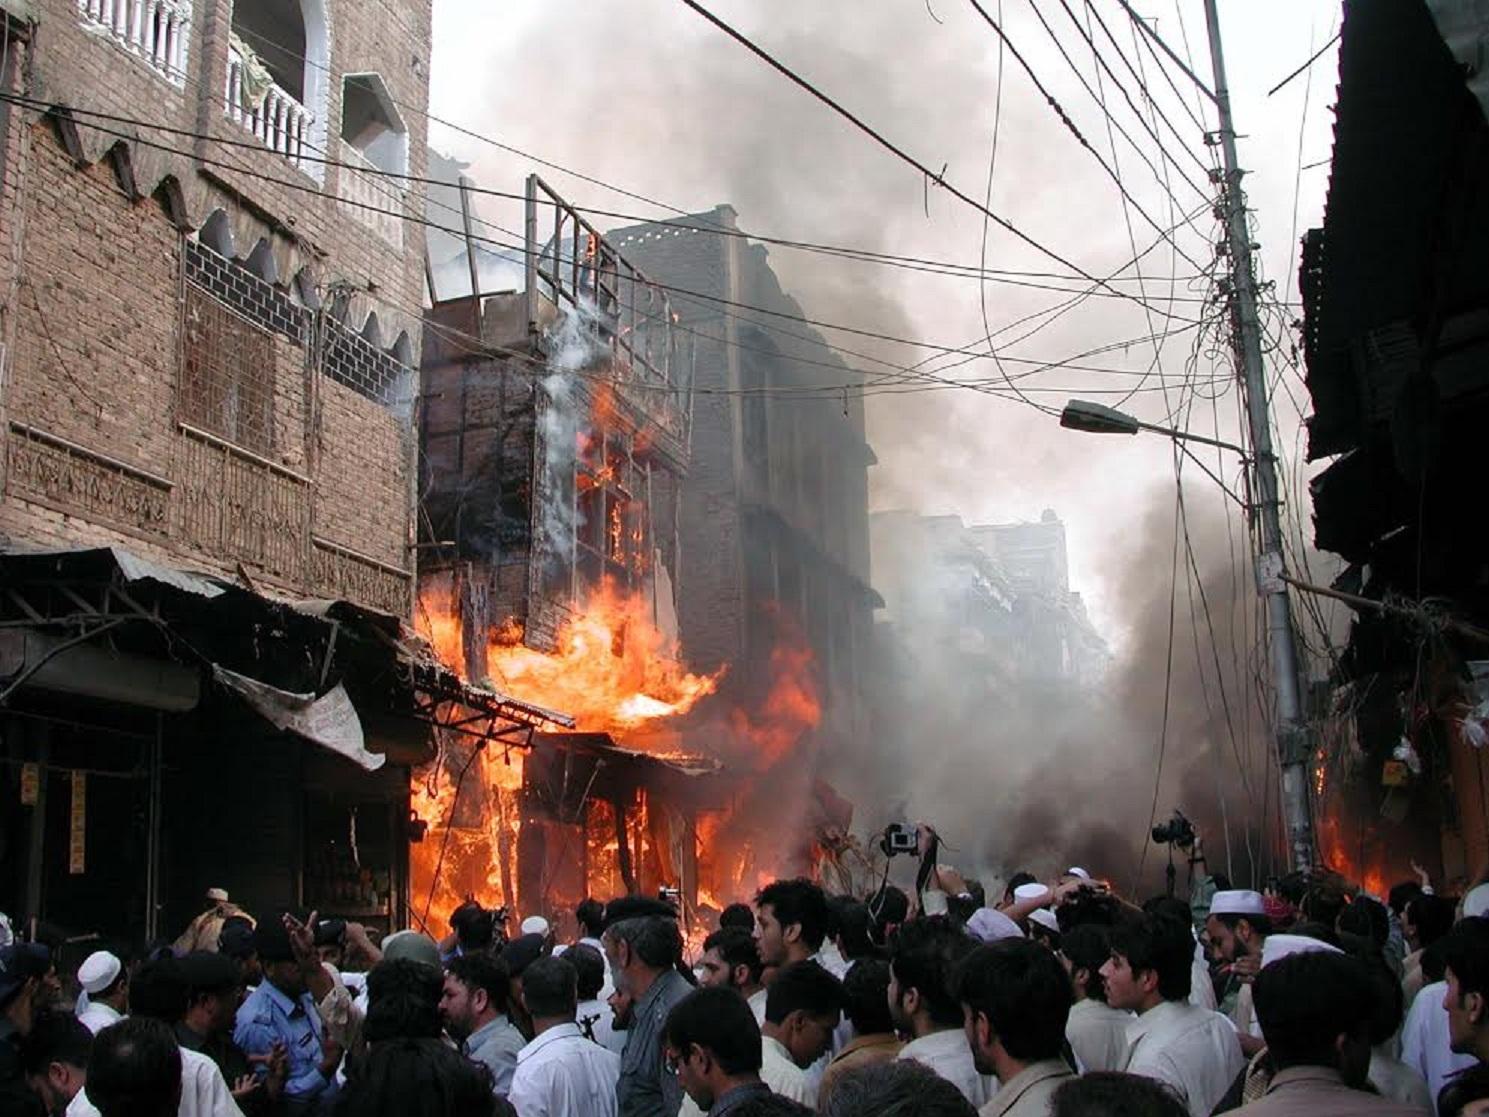 دہشت گردی سے پاکستان کی معیشت کو118 بلین ڈالر کا نقصان ہوا: رپورٹ